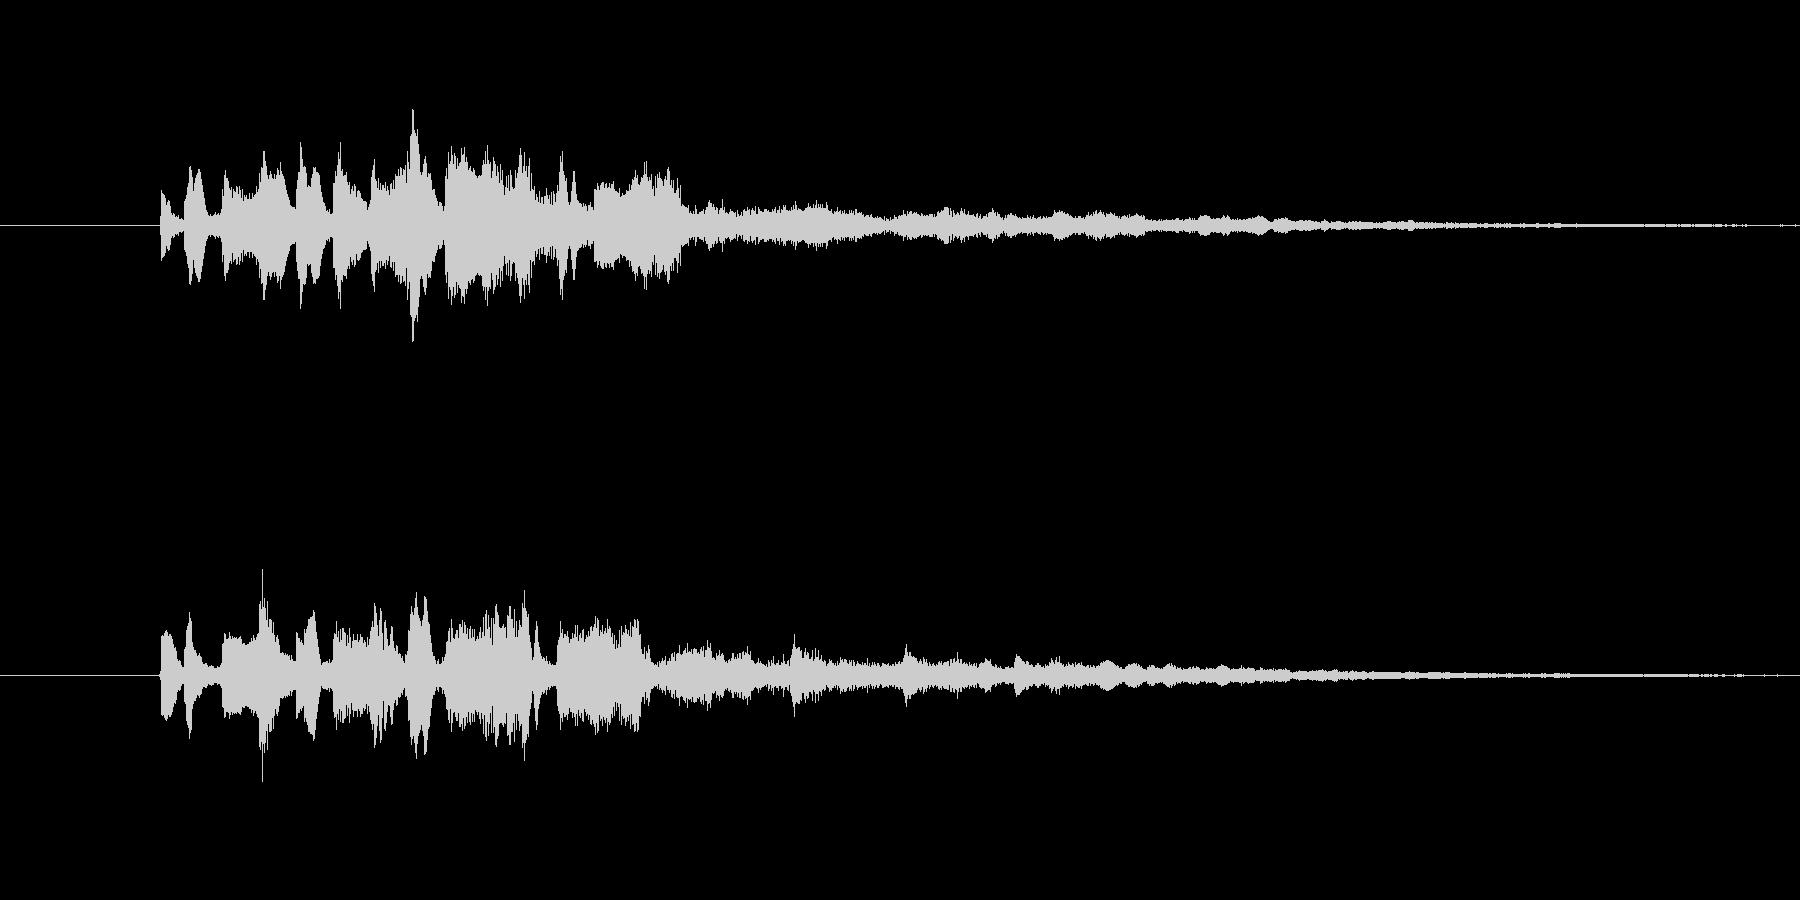 変化音 ひらめき 5秒の未再生の波形